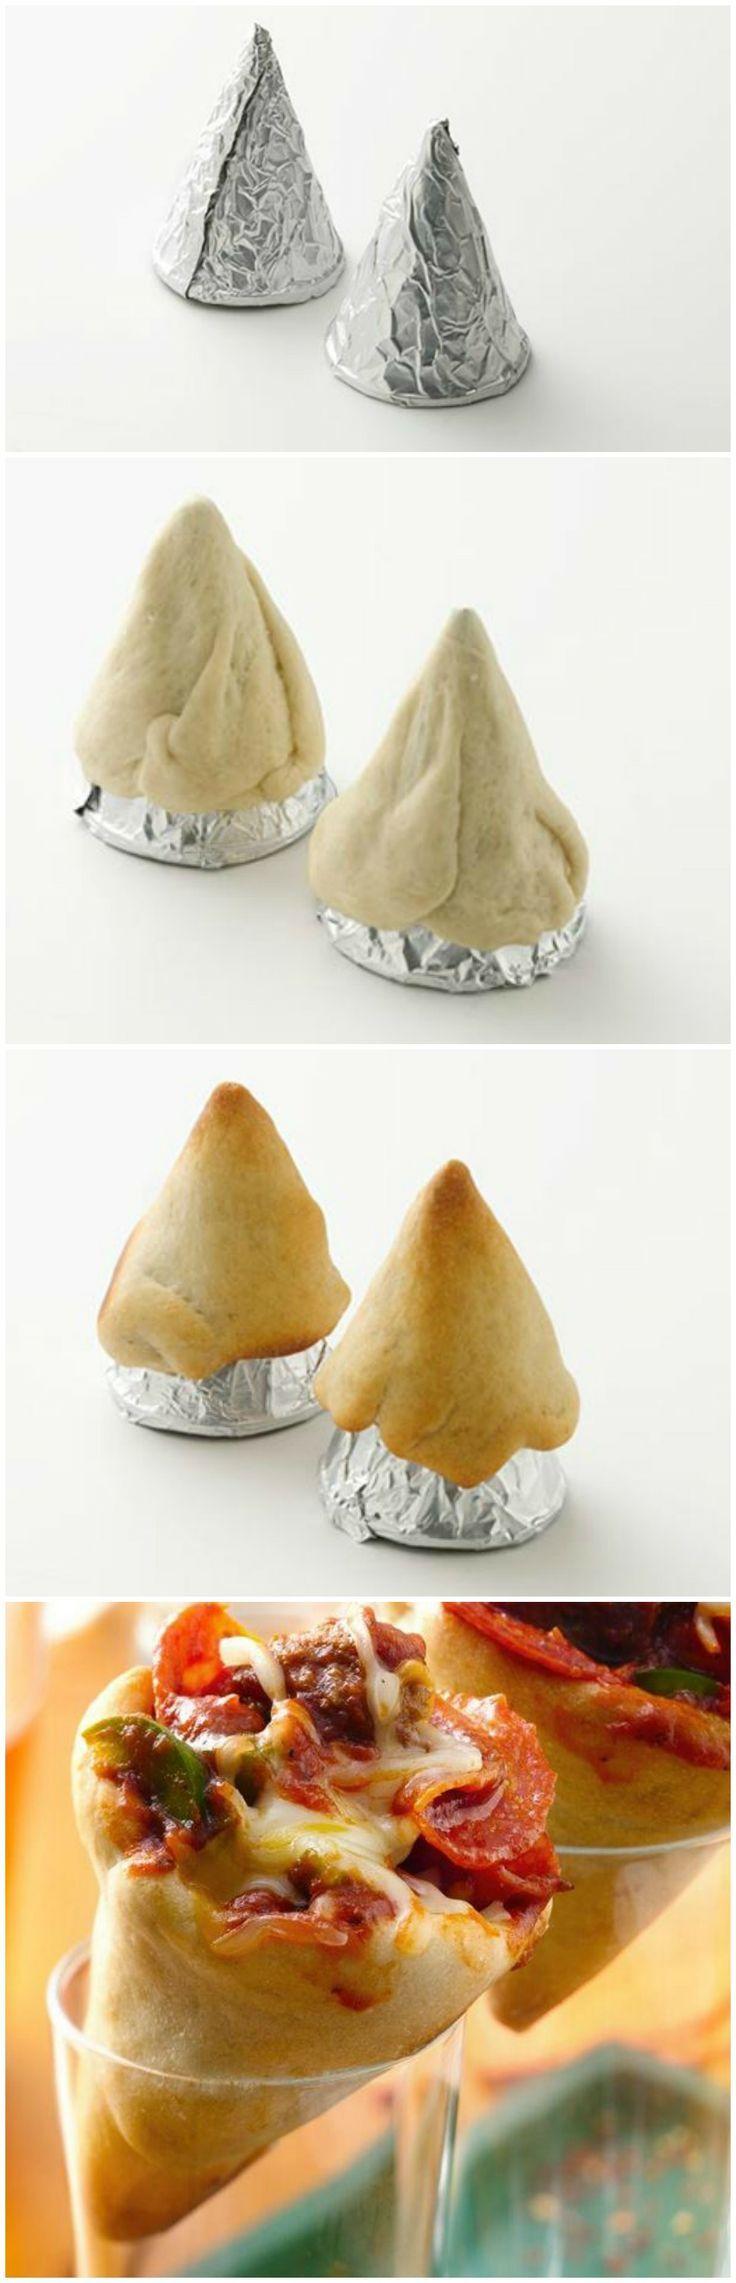 DIY Delicious Pizza Cones